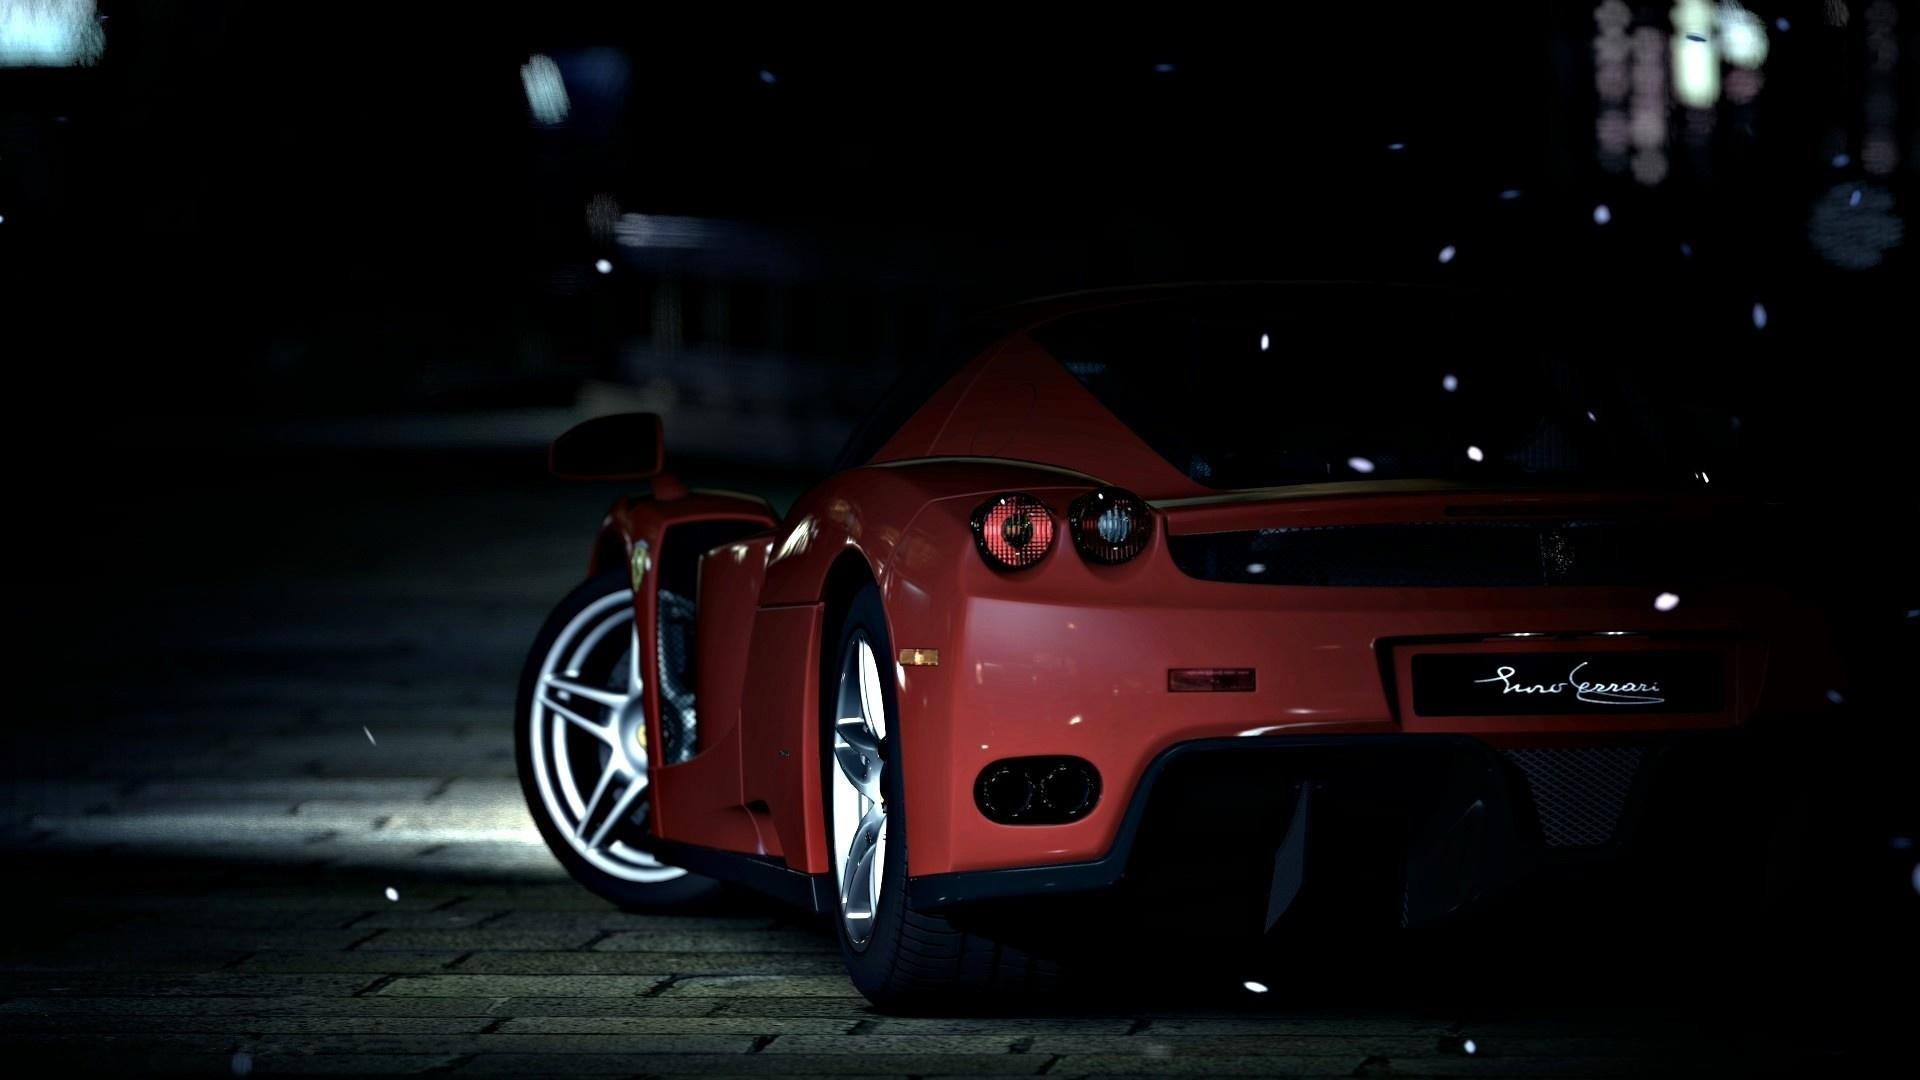 Ferrari Full Hd Sfondo And Sfondi 1920x1080 Id 354803